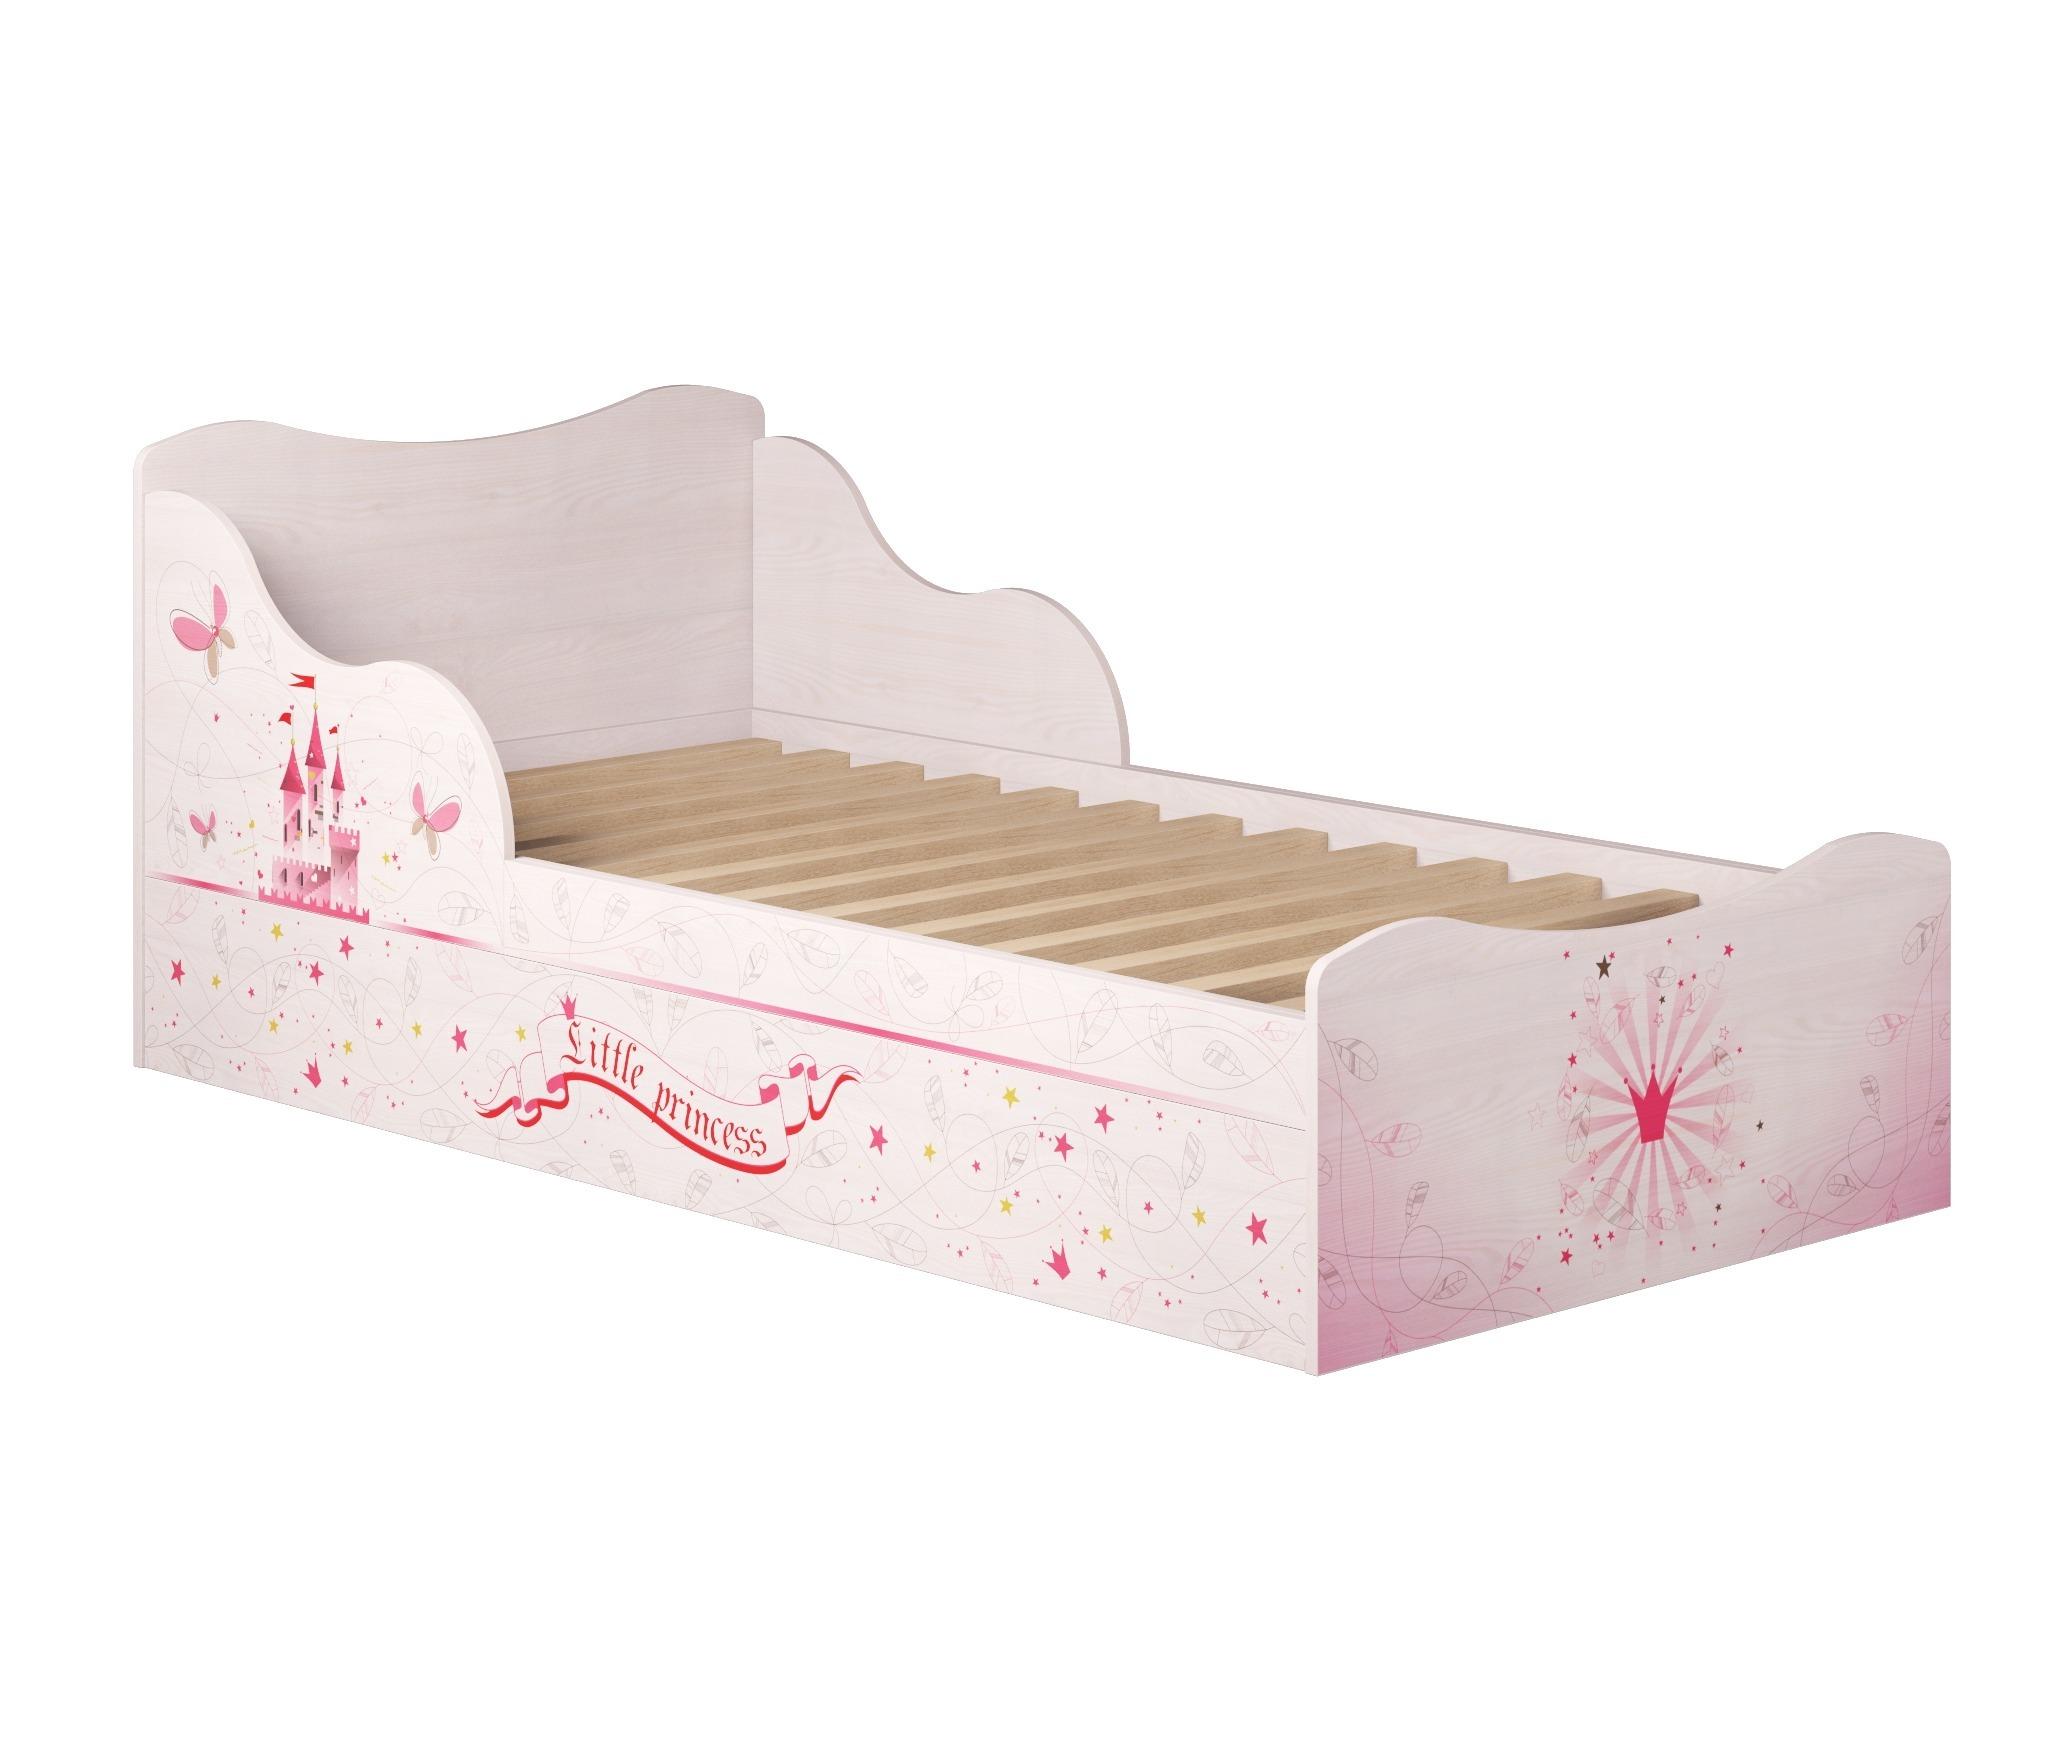 Принцесса 5 Кровать на 900 с ящиками (комплектация 1)Кровати одноярусные<br><br><br>Длина мм: 980<br>Высота мм: 758<br>Глубина мм: 1936